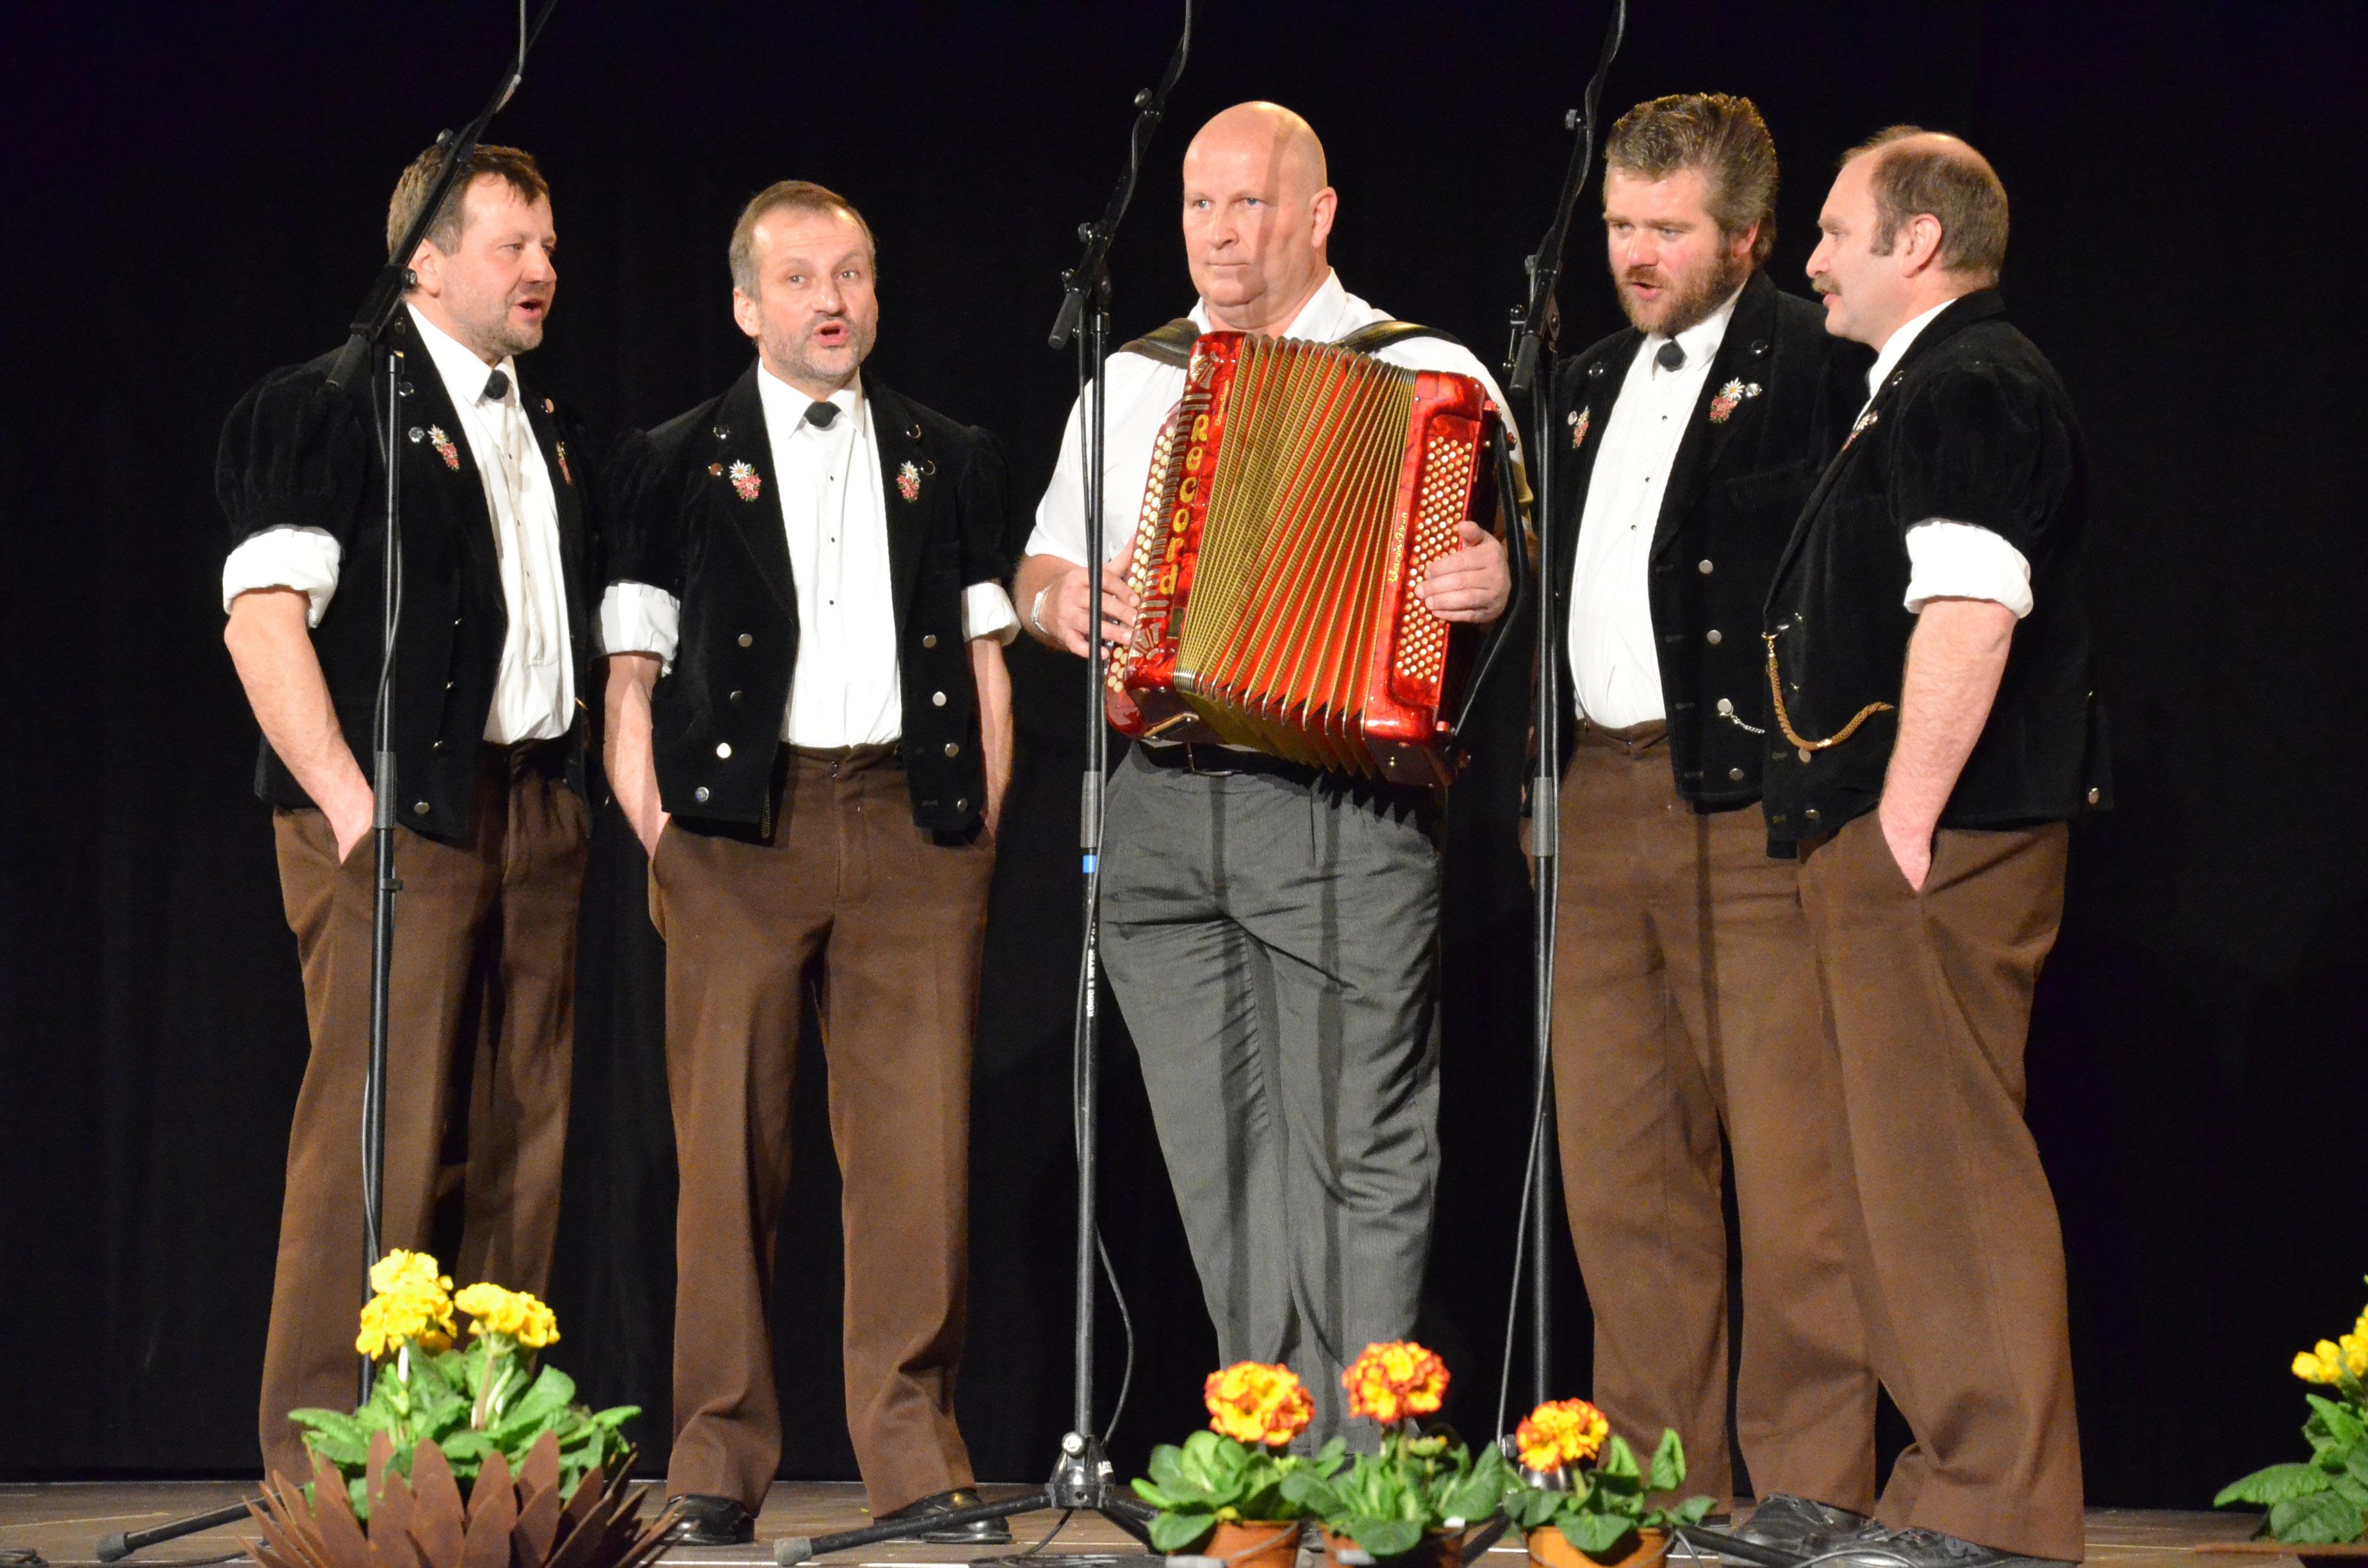 8-Quartett_Alpenrösli-Heimenschwand_flz_160128aa